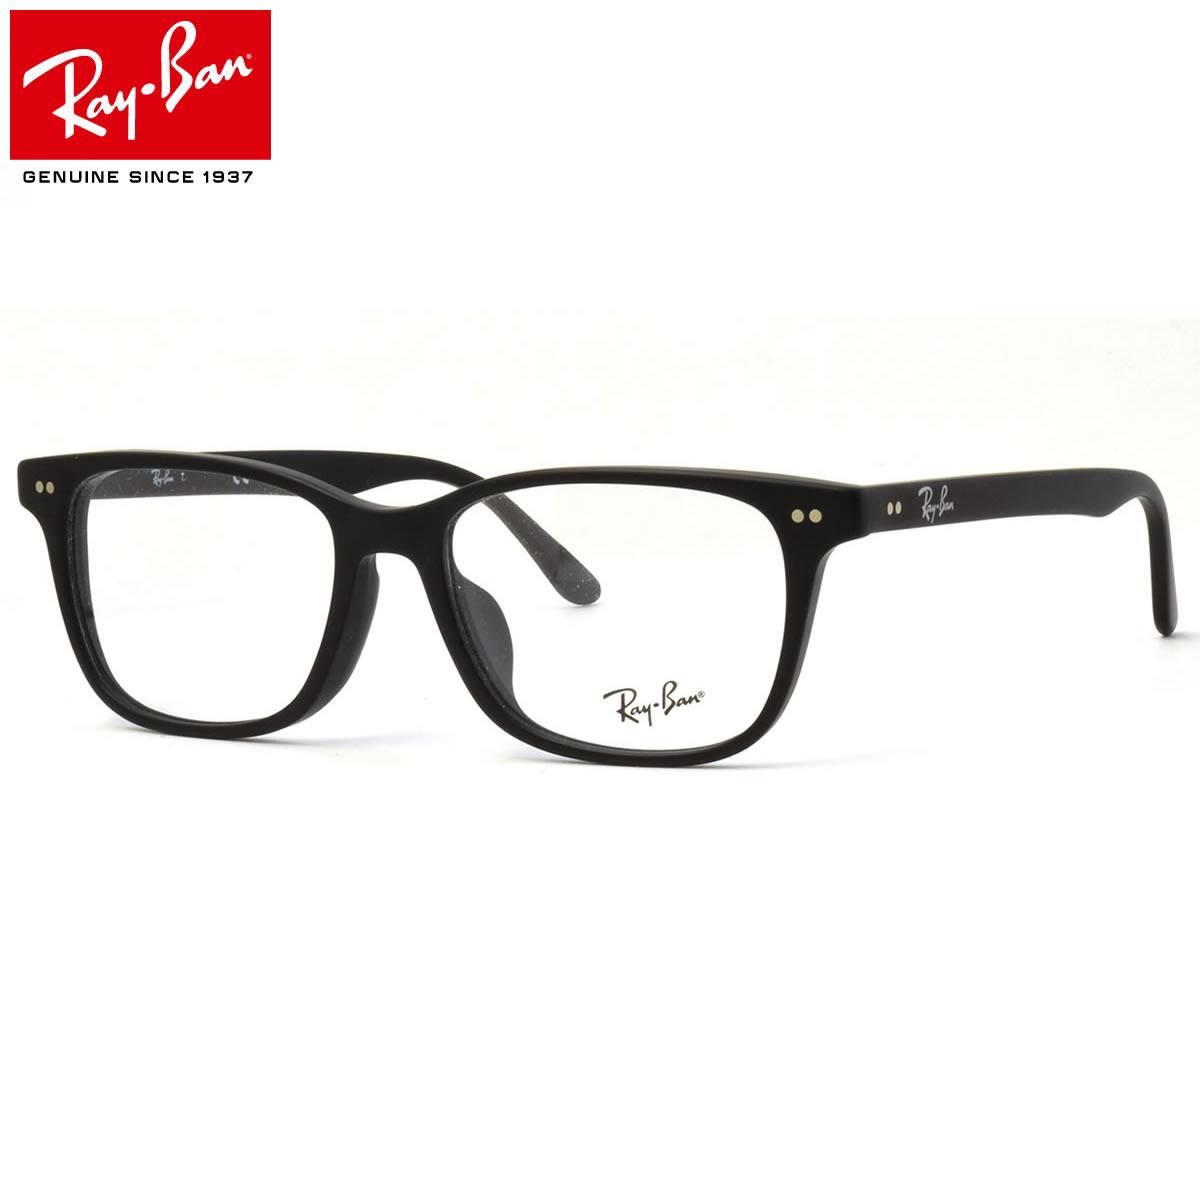 ほぼ全品ポイント15倍~最大34倍! レイバン メガネ フレーム Ray-Ban RX5306D 2477 53サイズ 日本企画モデル レイバン RAYBAN メンズ レディース